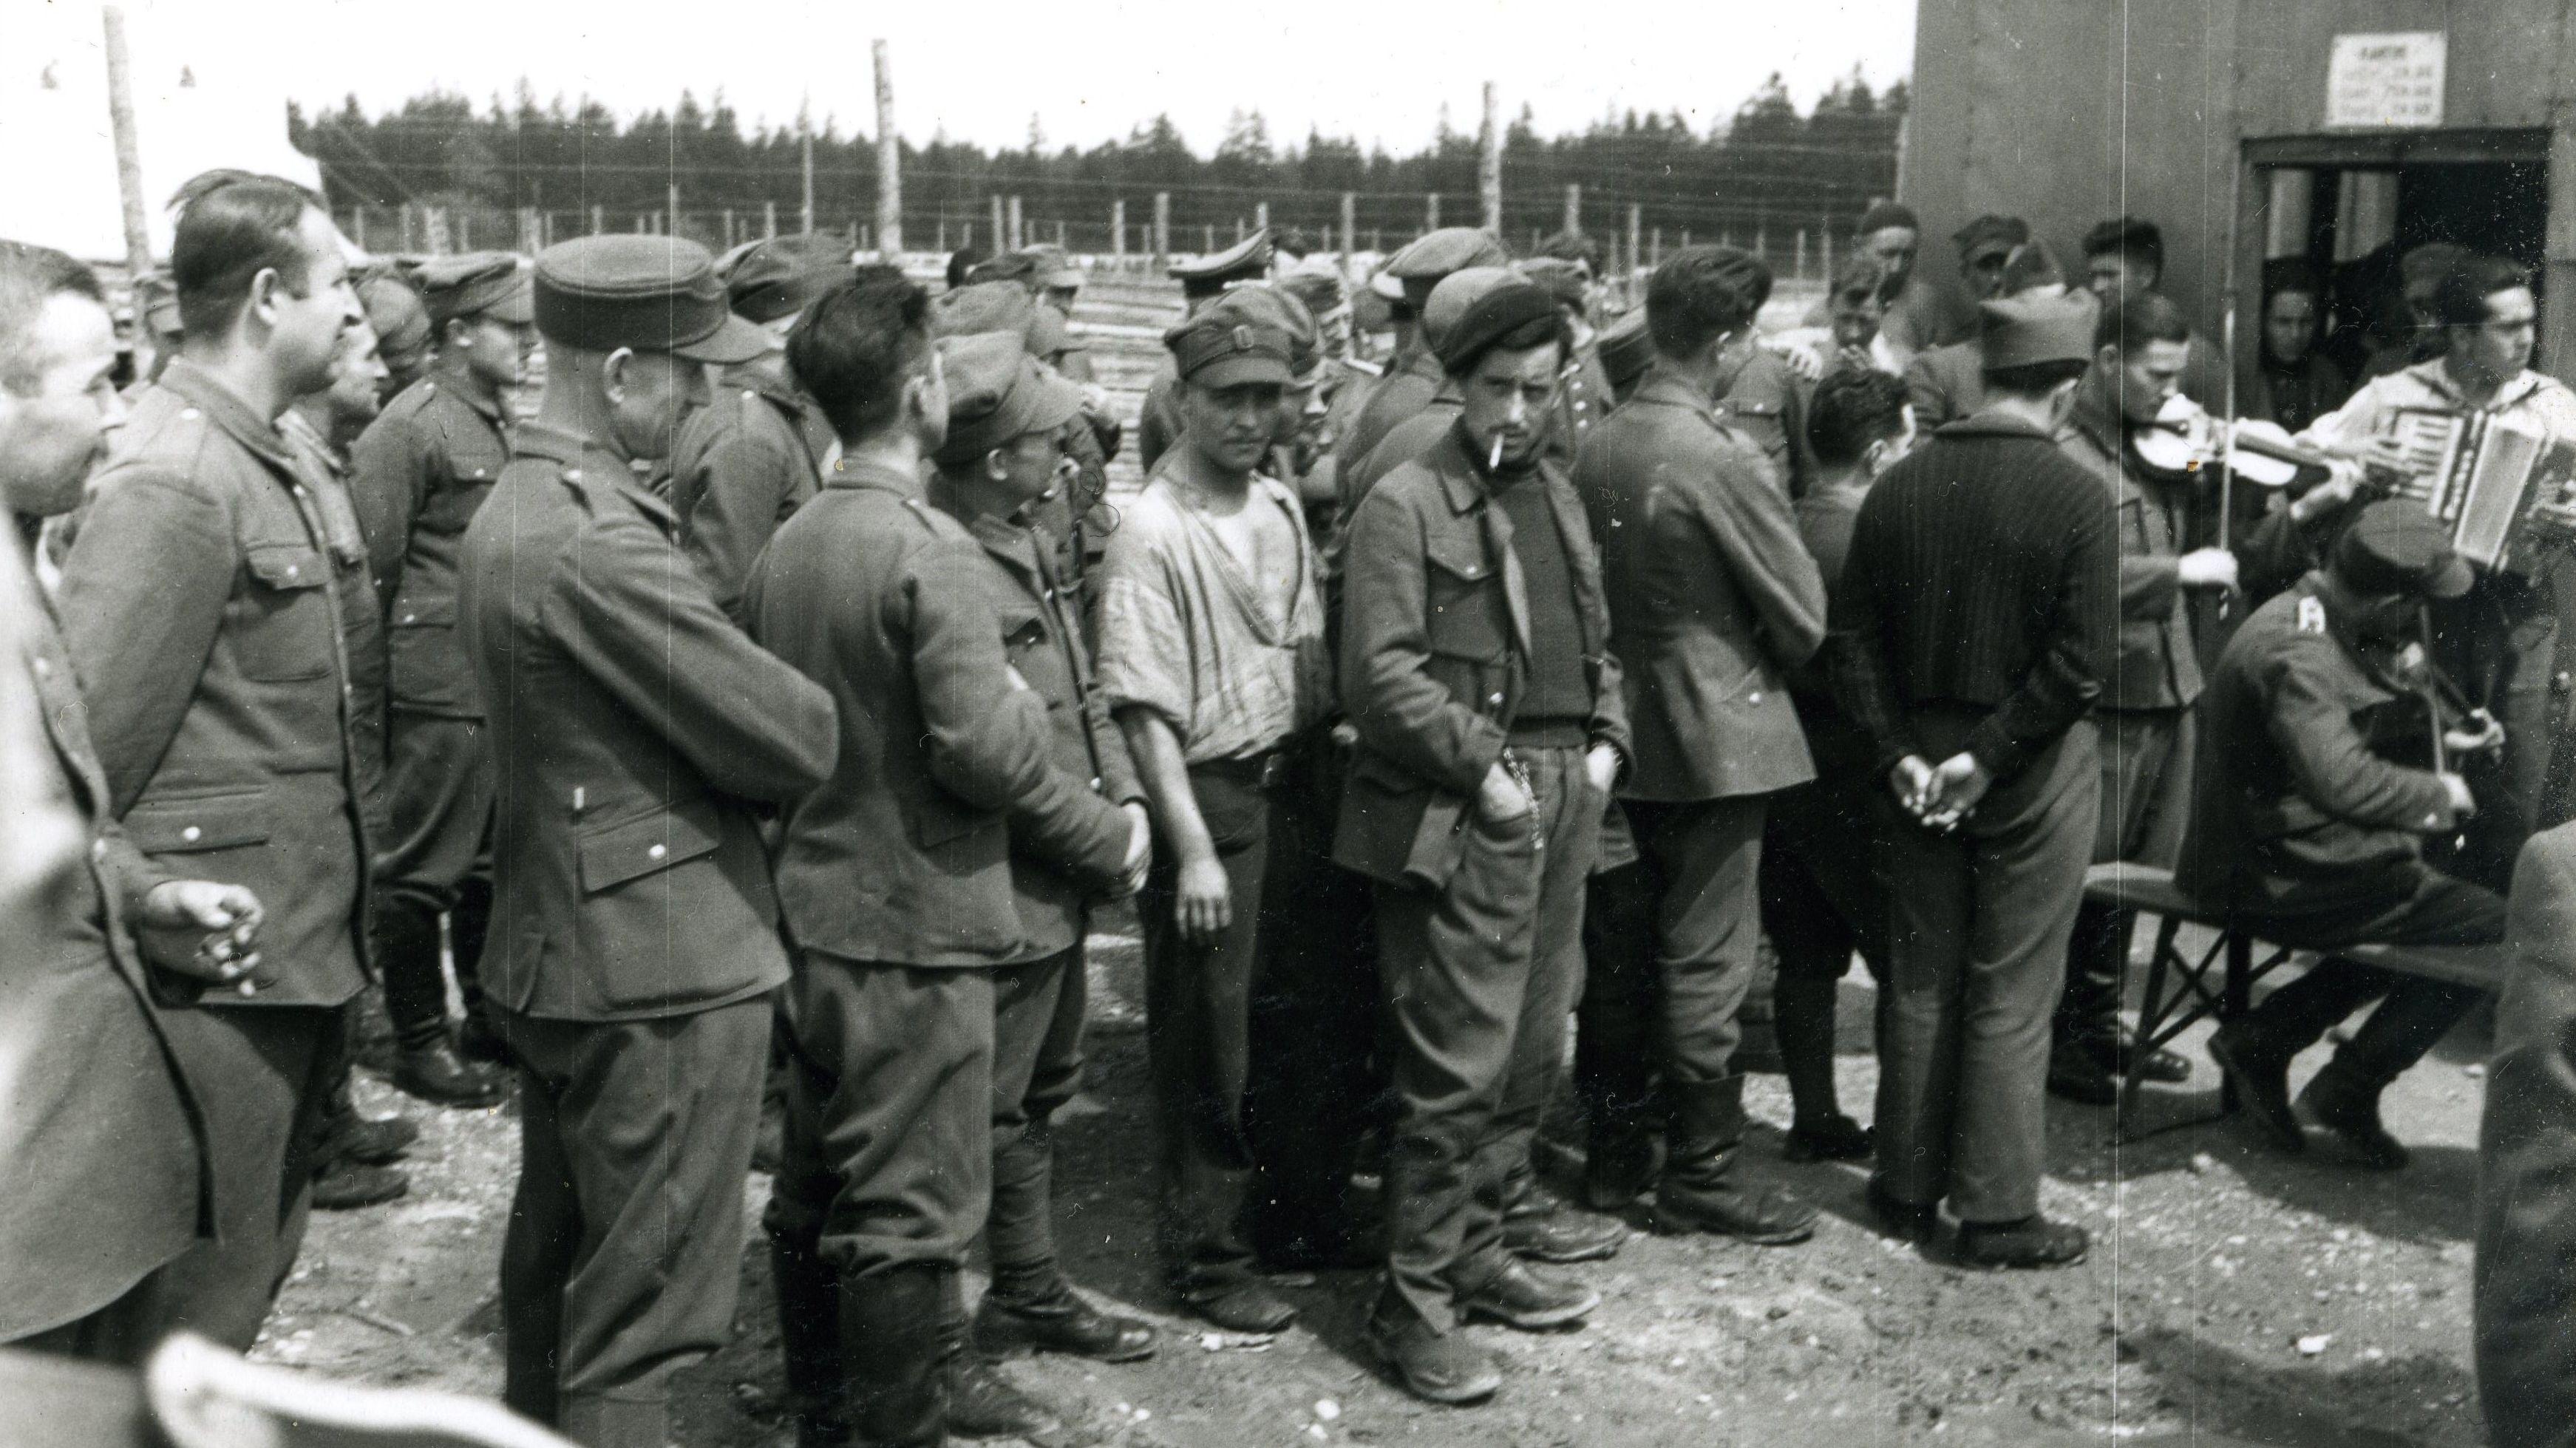 Original-Foto aus dem Kriegsgefangenenlager Stalag VIIa in Moosburg.